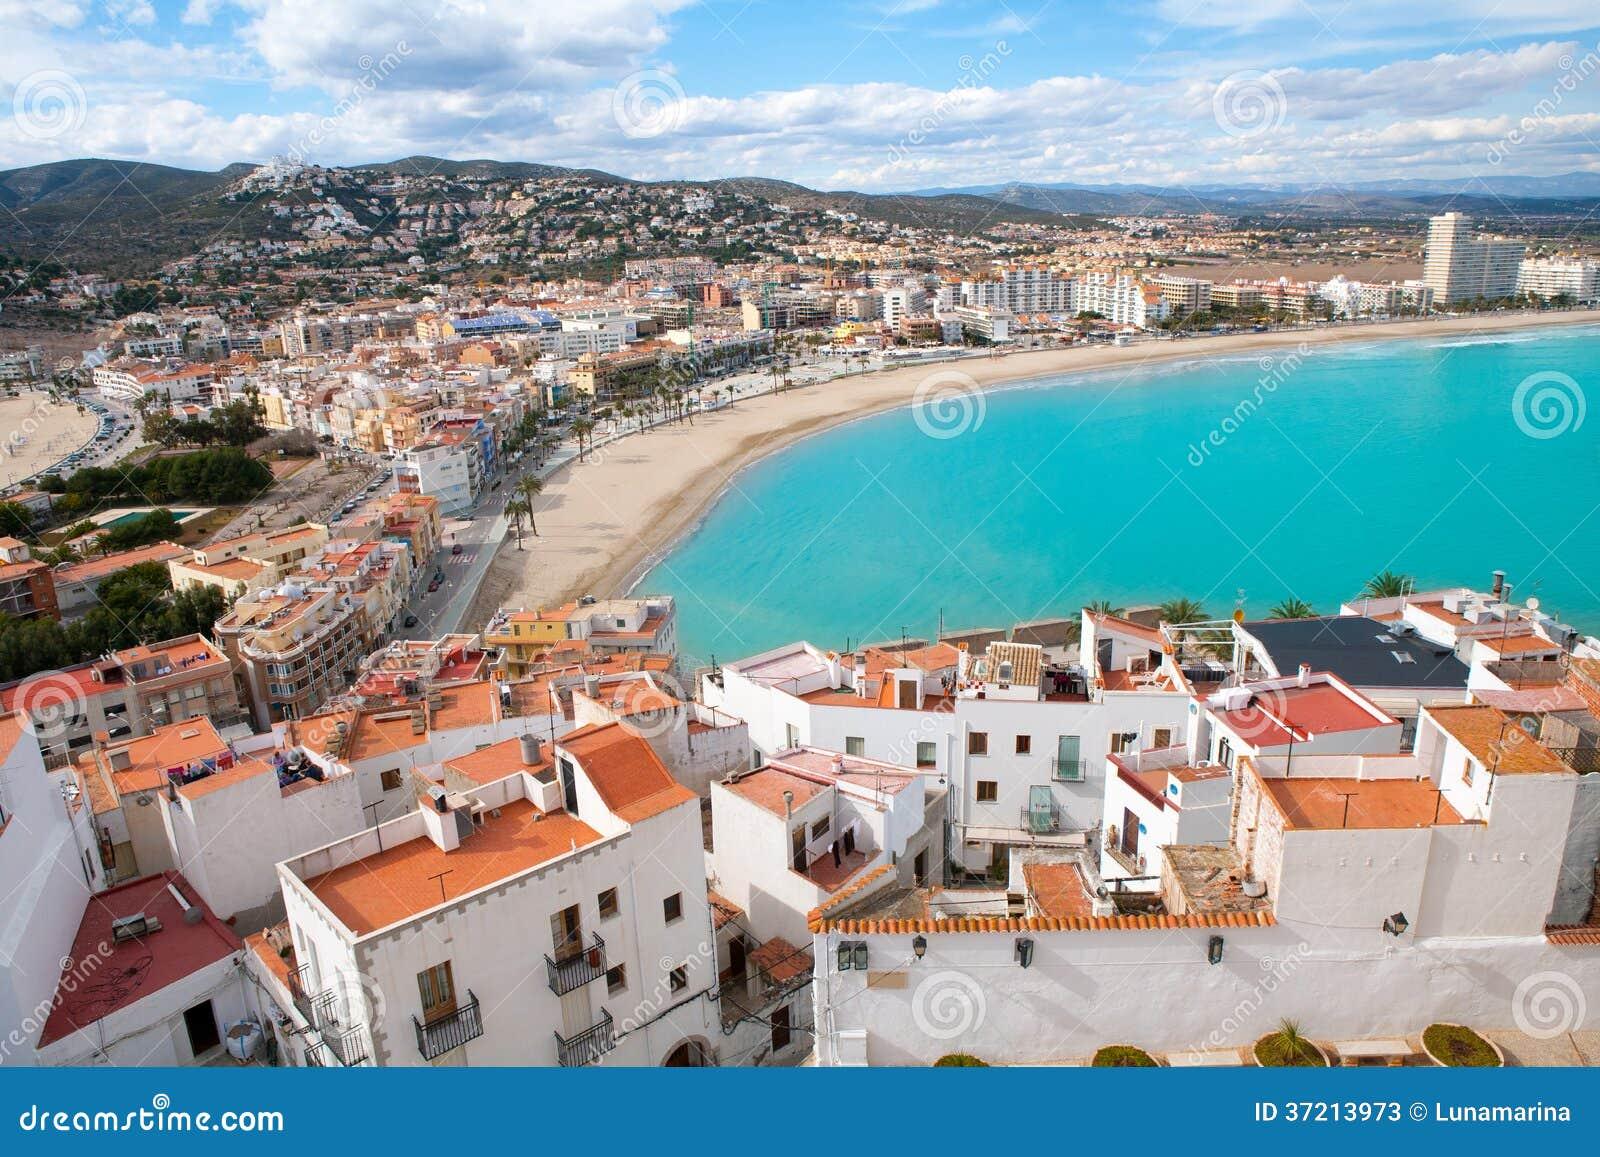 Spiaggia di peniscola e vista aerea del villaggio in - Mare castellon ...